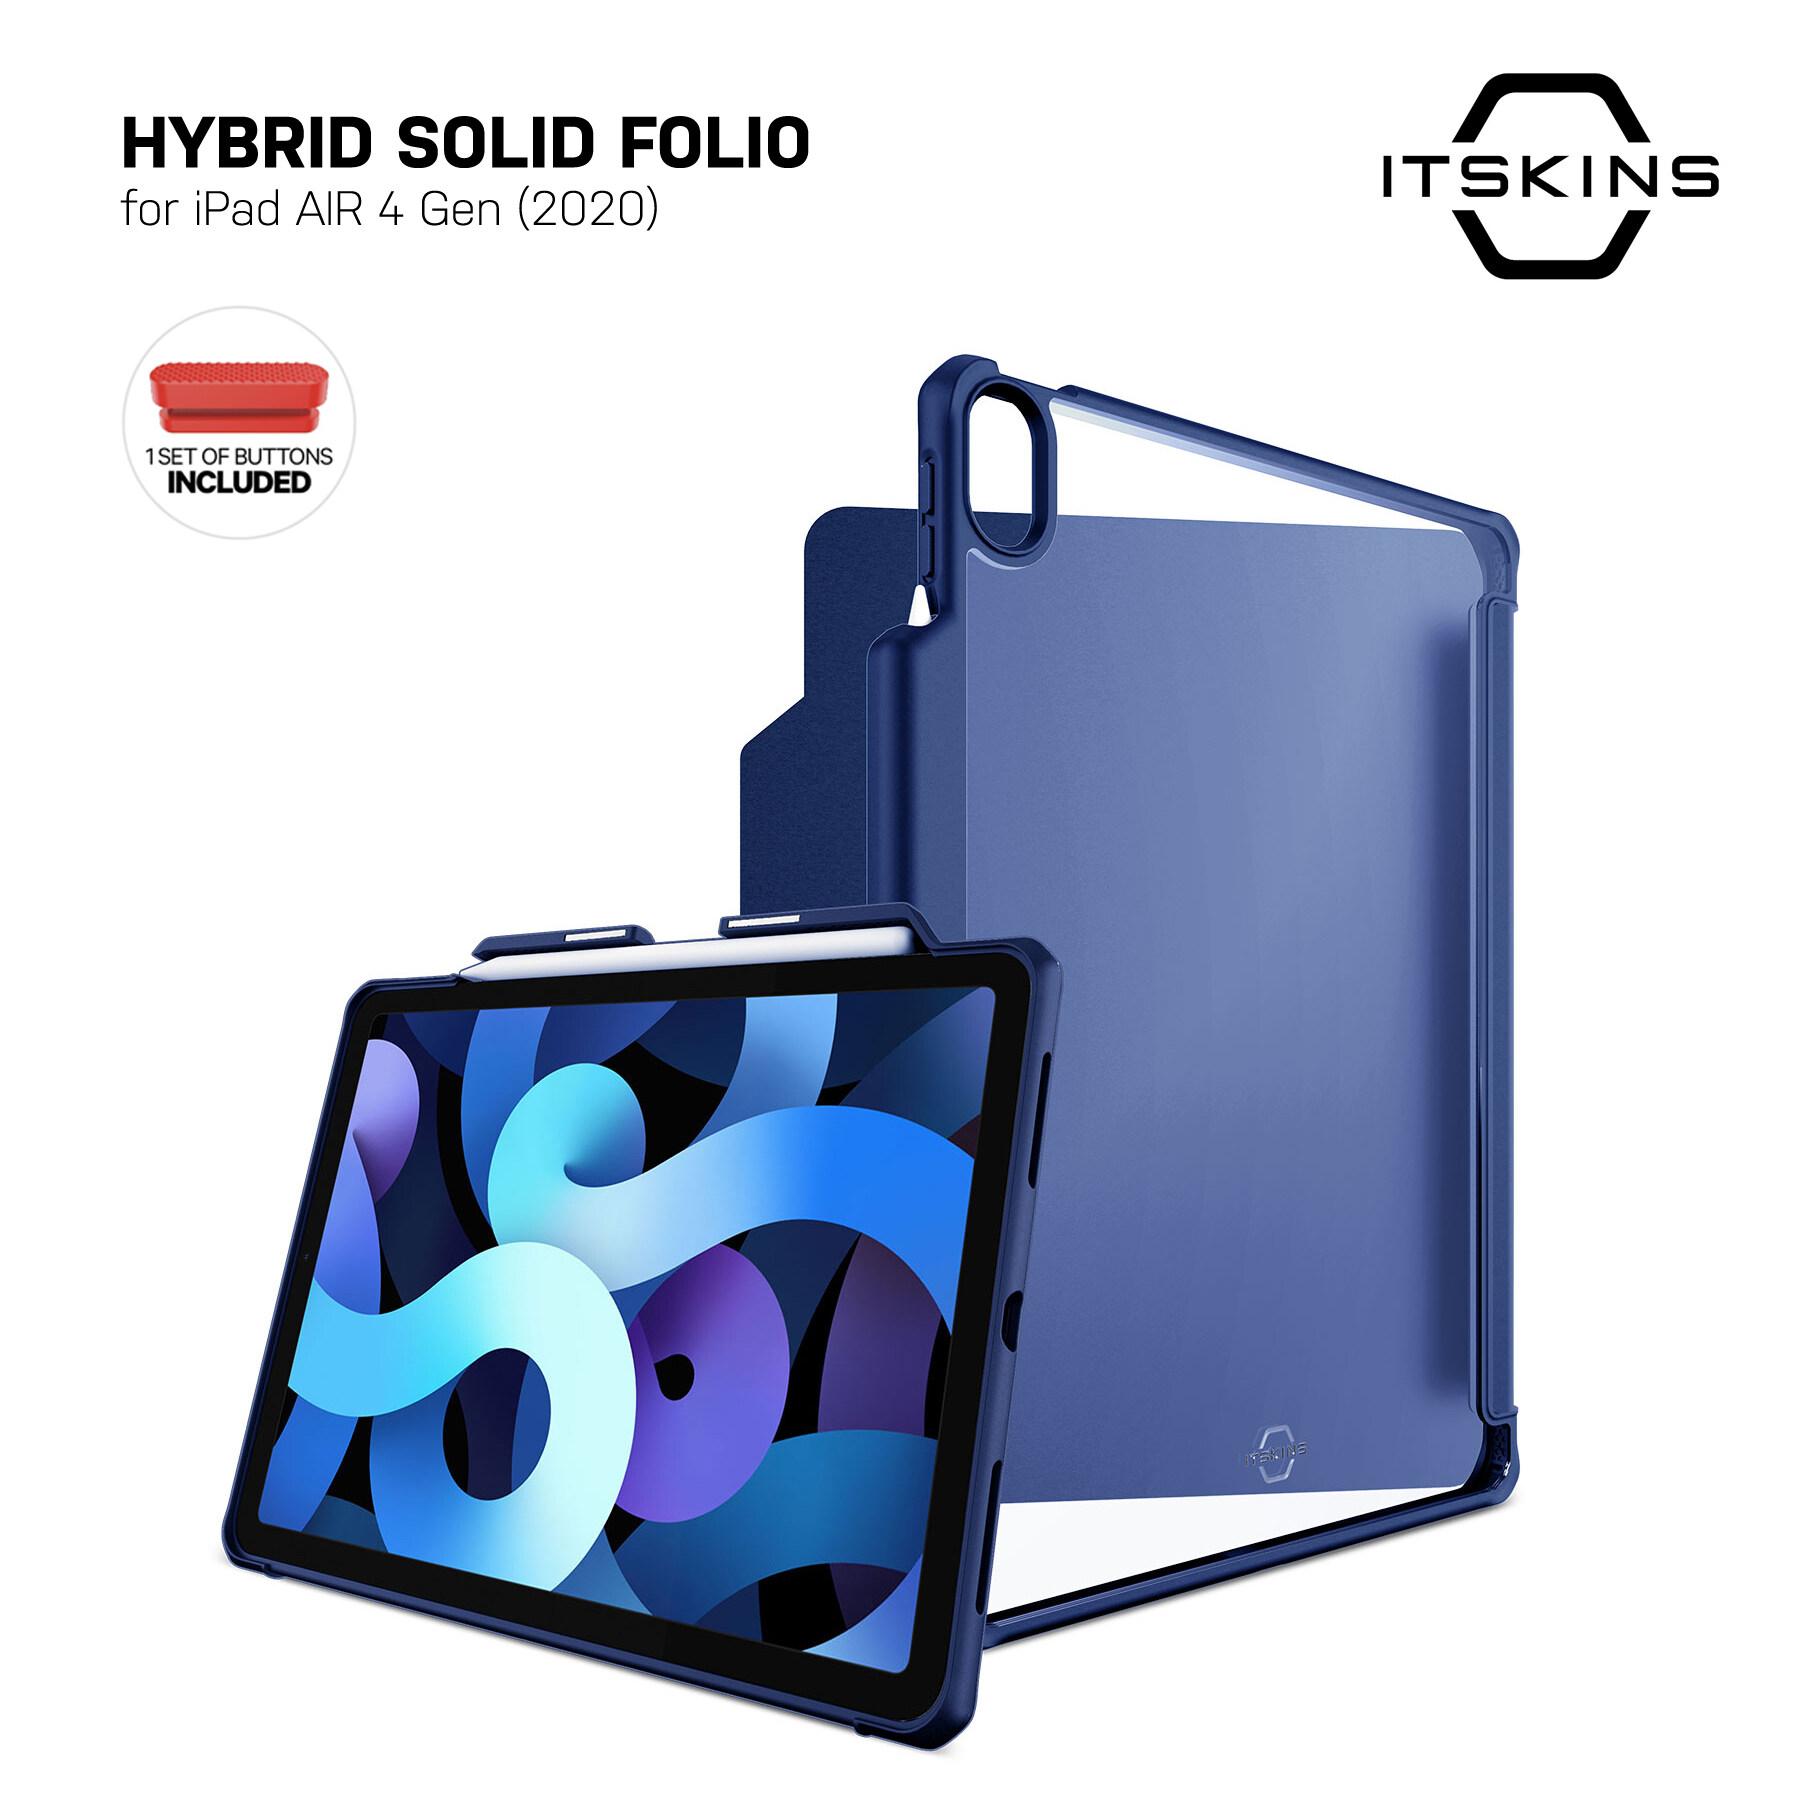 Itskins Hybrid Folio Case For Ipad Air 4 Gen (2020) - เคส.